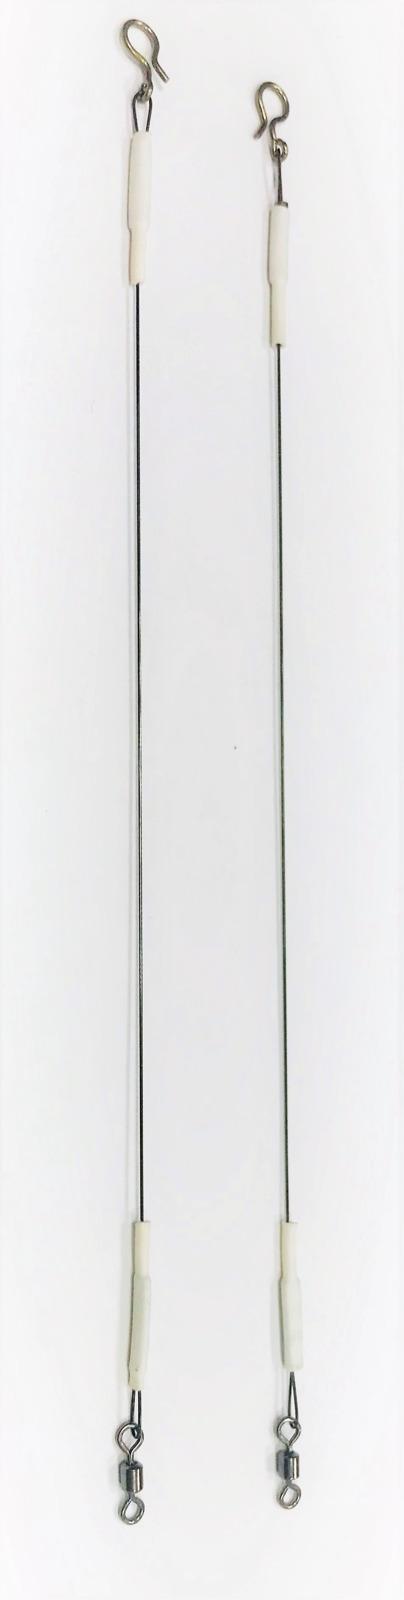 Поводки титановые AGP, для нахлыста и балансиров, модификация с вертлюгом, длина 12 см, нагрузка 5 кг, 2 шт